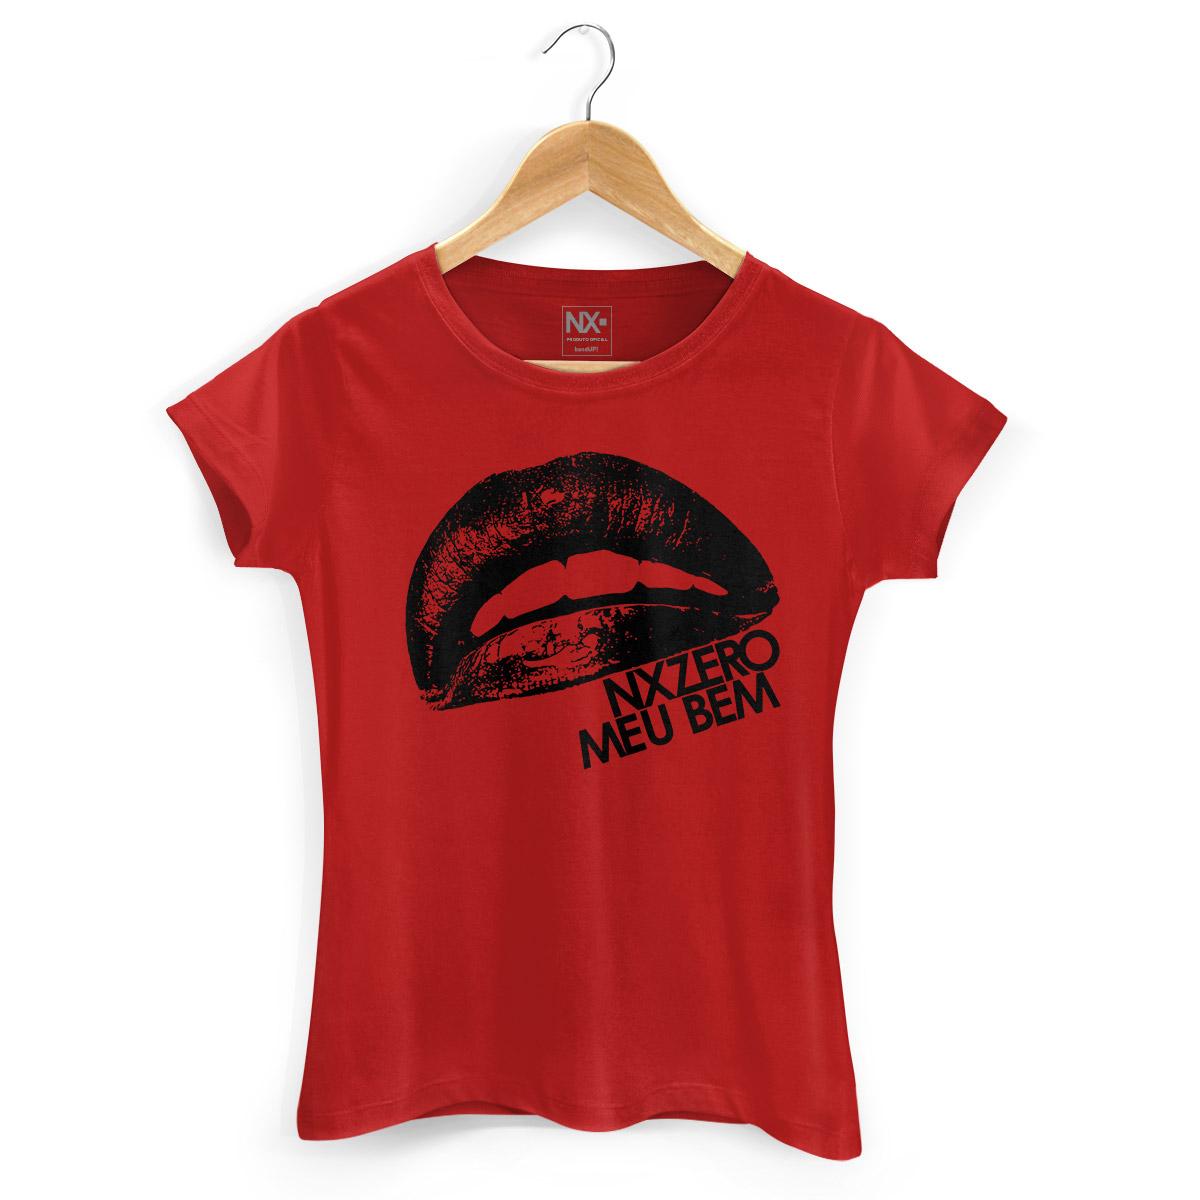 Camiseta Feminina NXZero Meu Bem